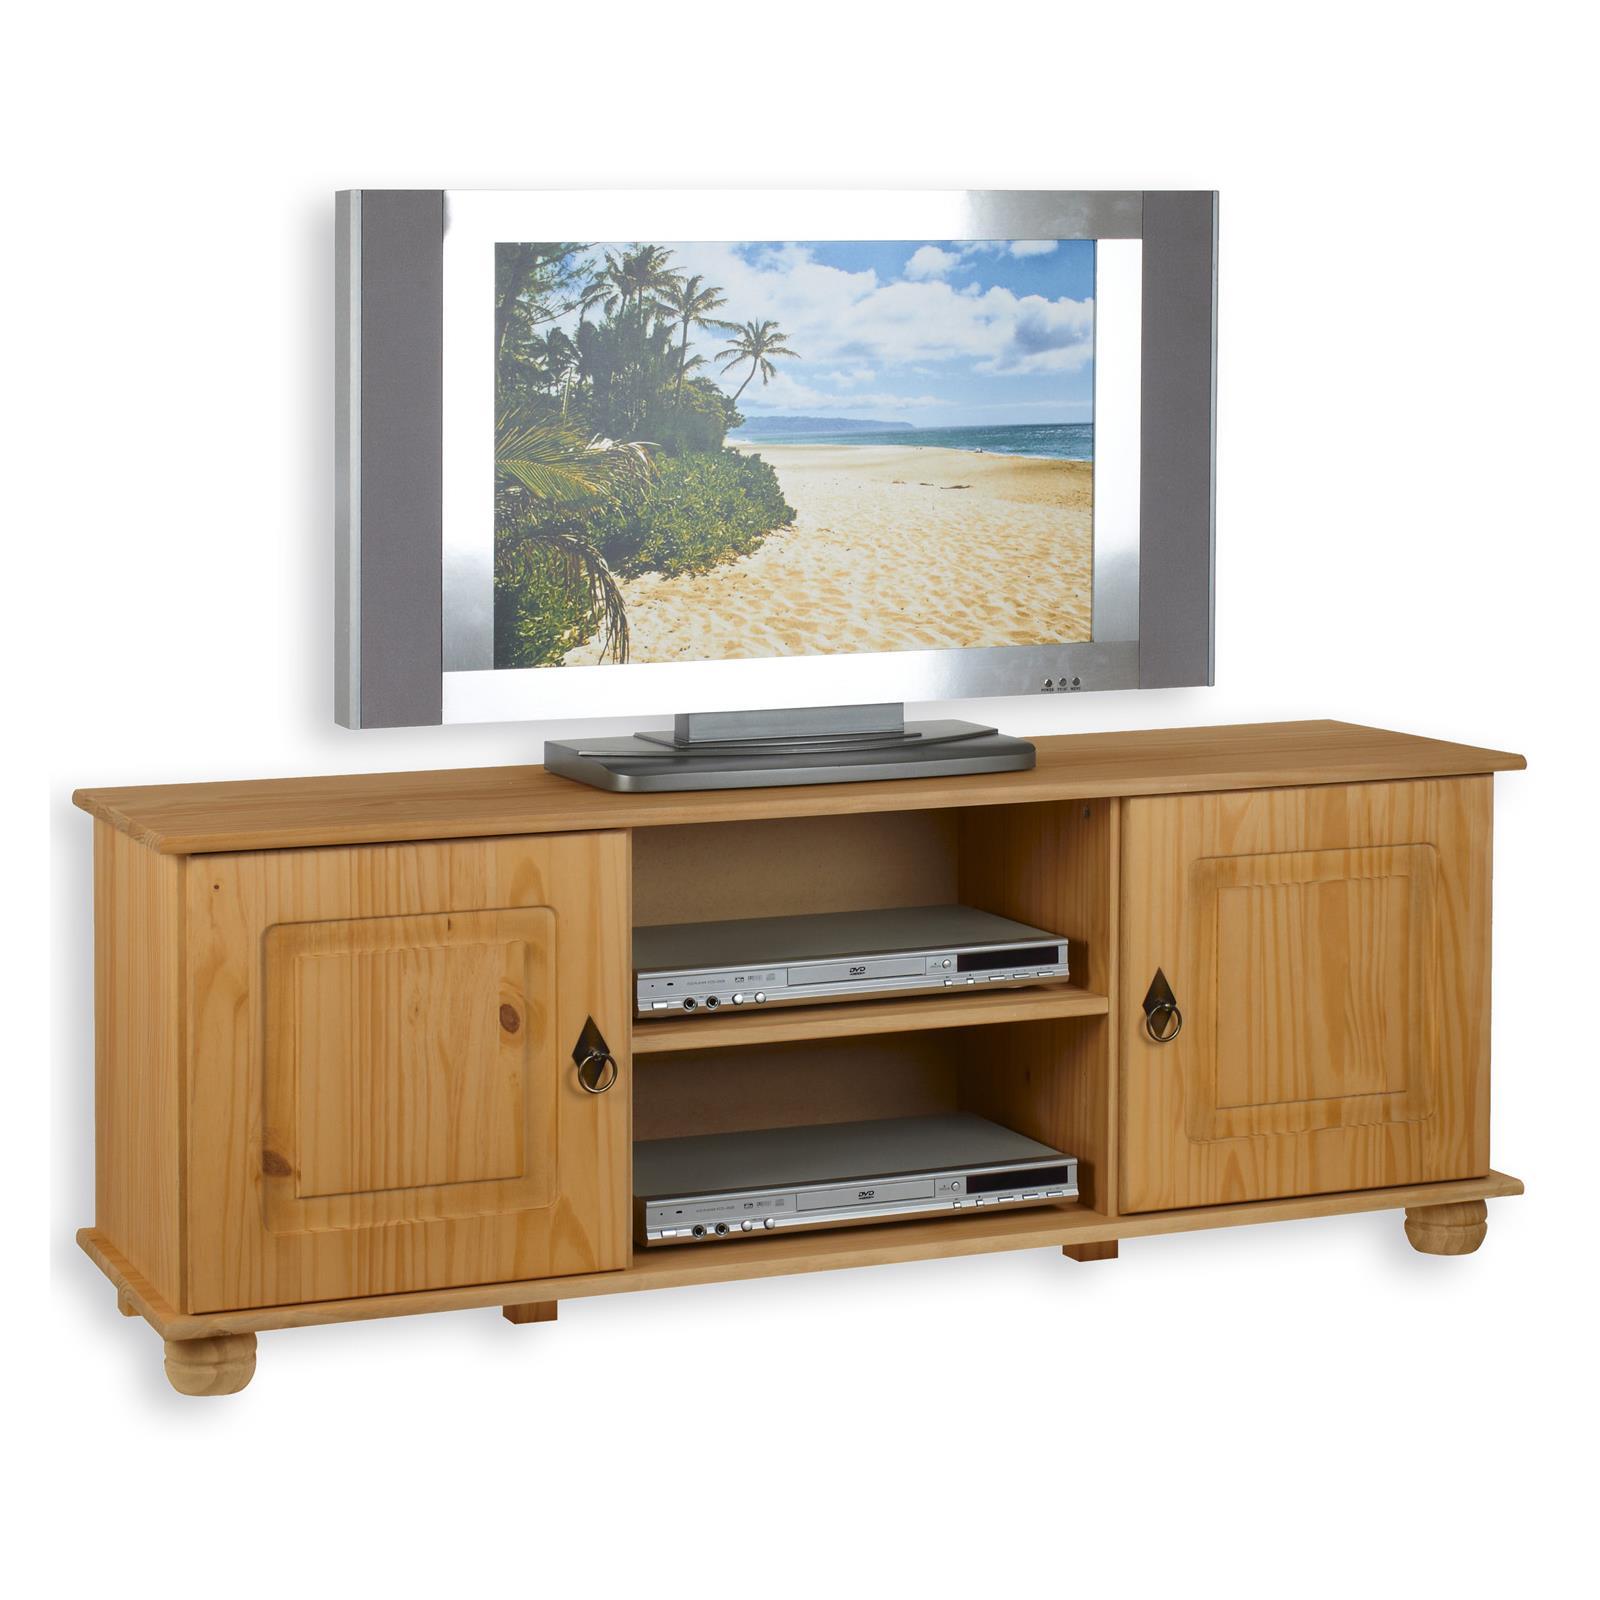 Meuble tv en pin belfort 2 portes 2 niches finition for Meuble tv en pin